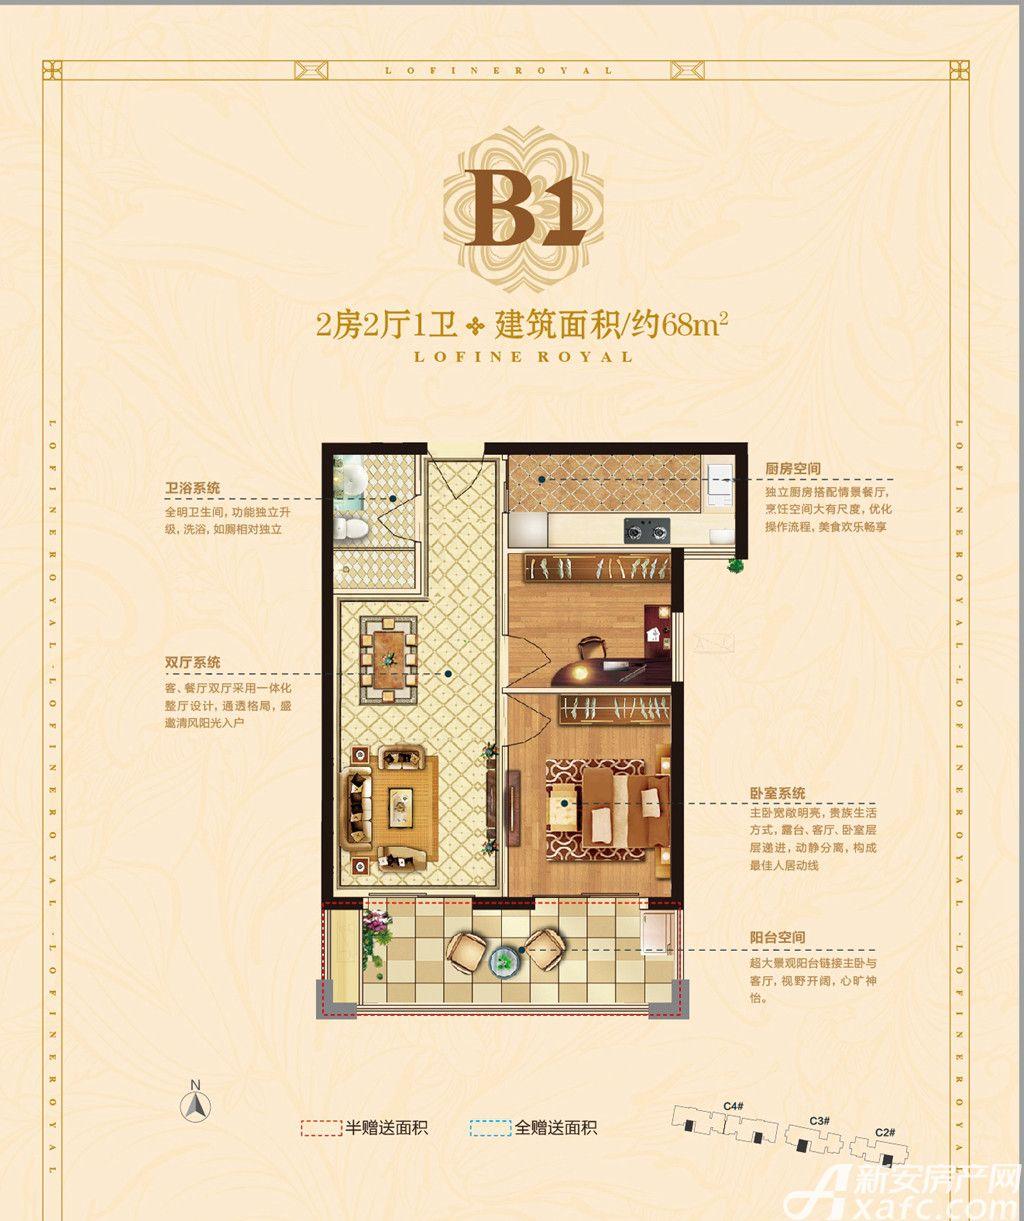 丽丰一品B12室2厅68平米